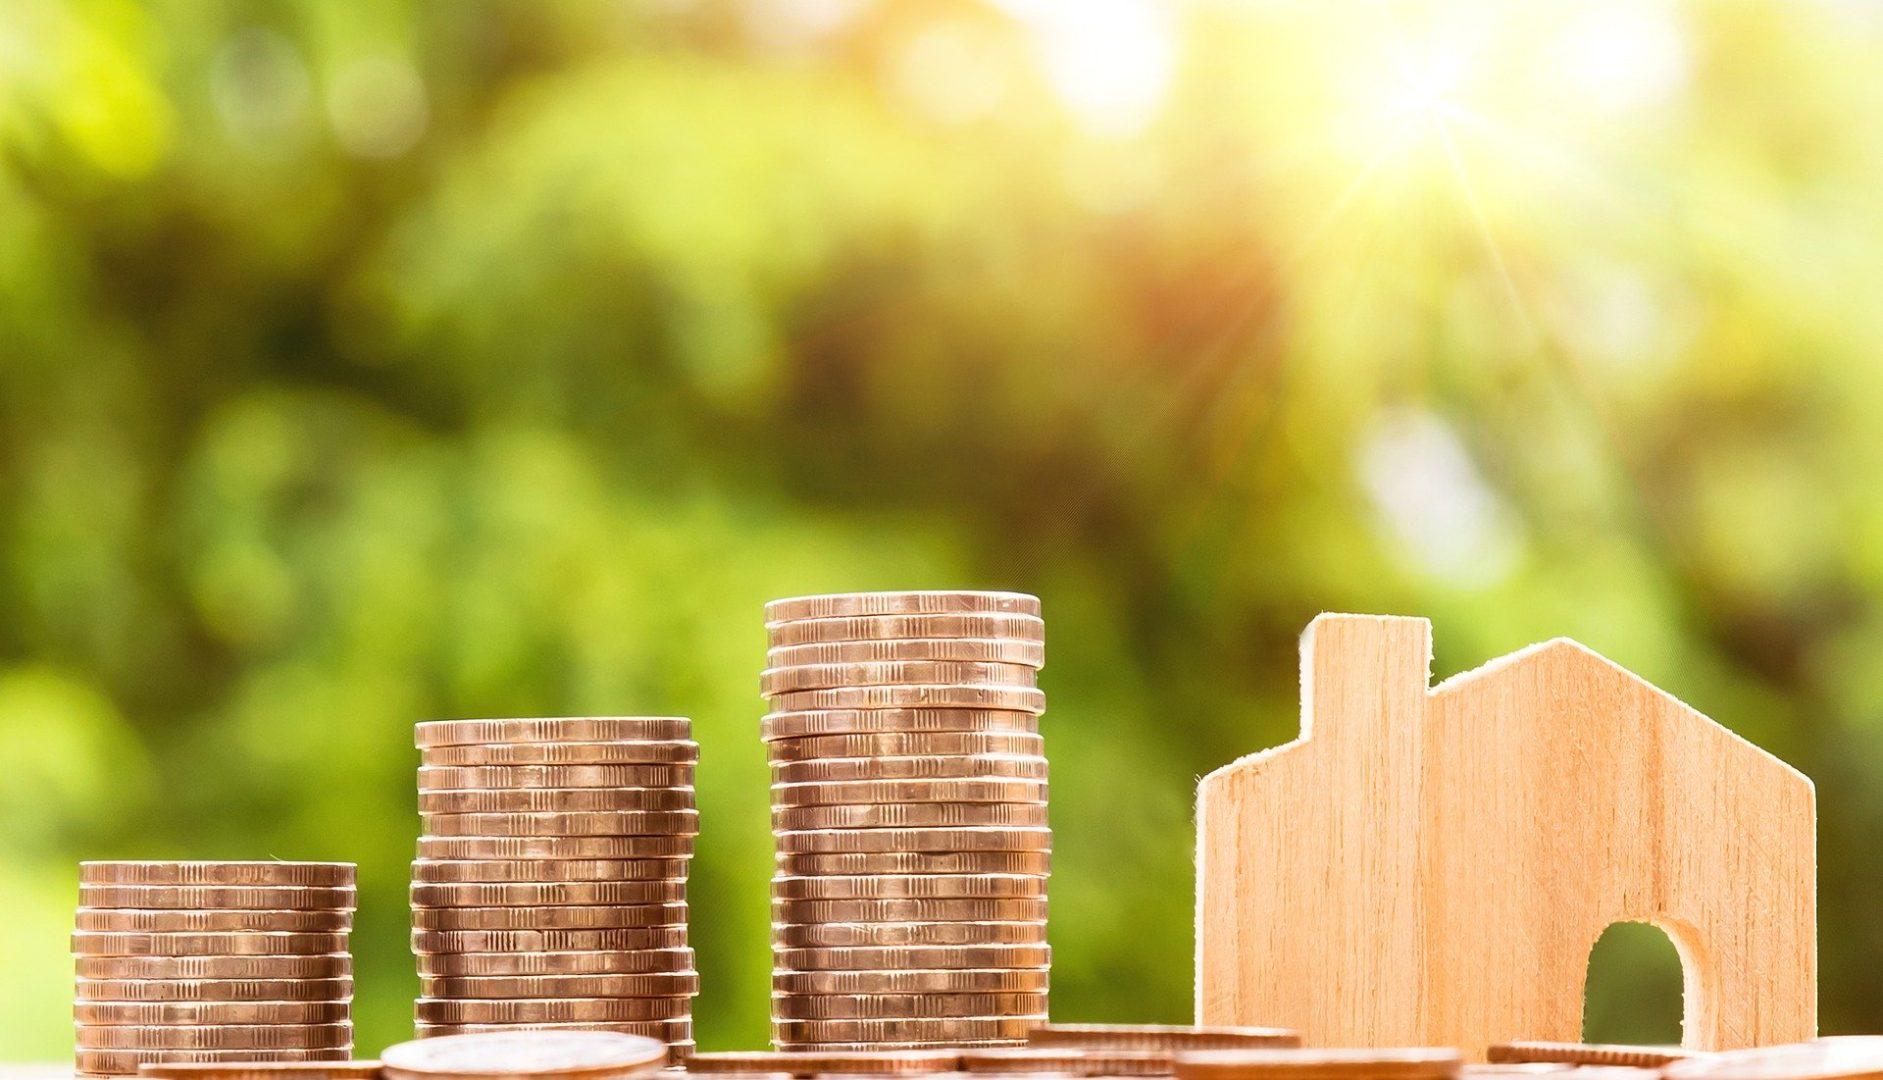 Da mudança para a venda - Hacks simples para aumentar seu orçamento doméstico 2